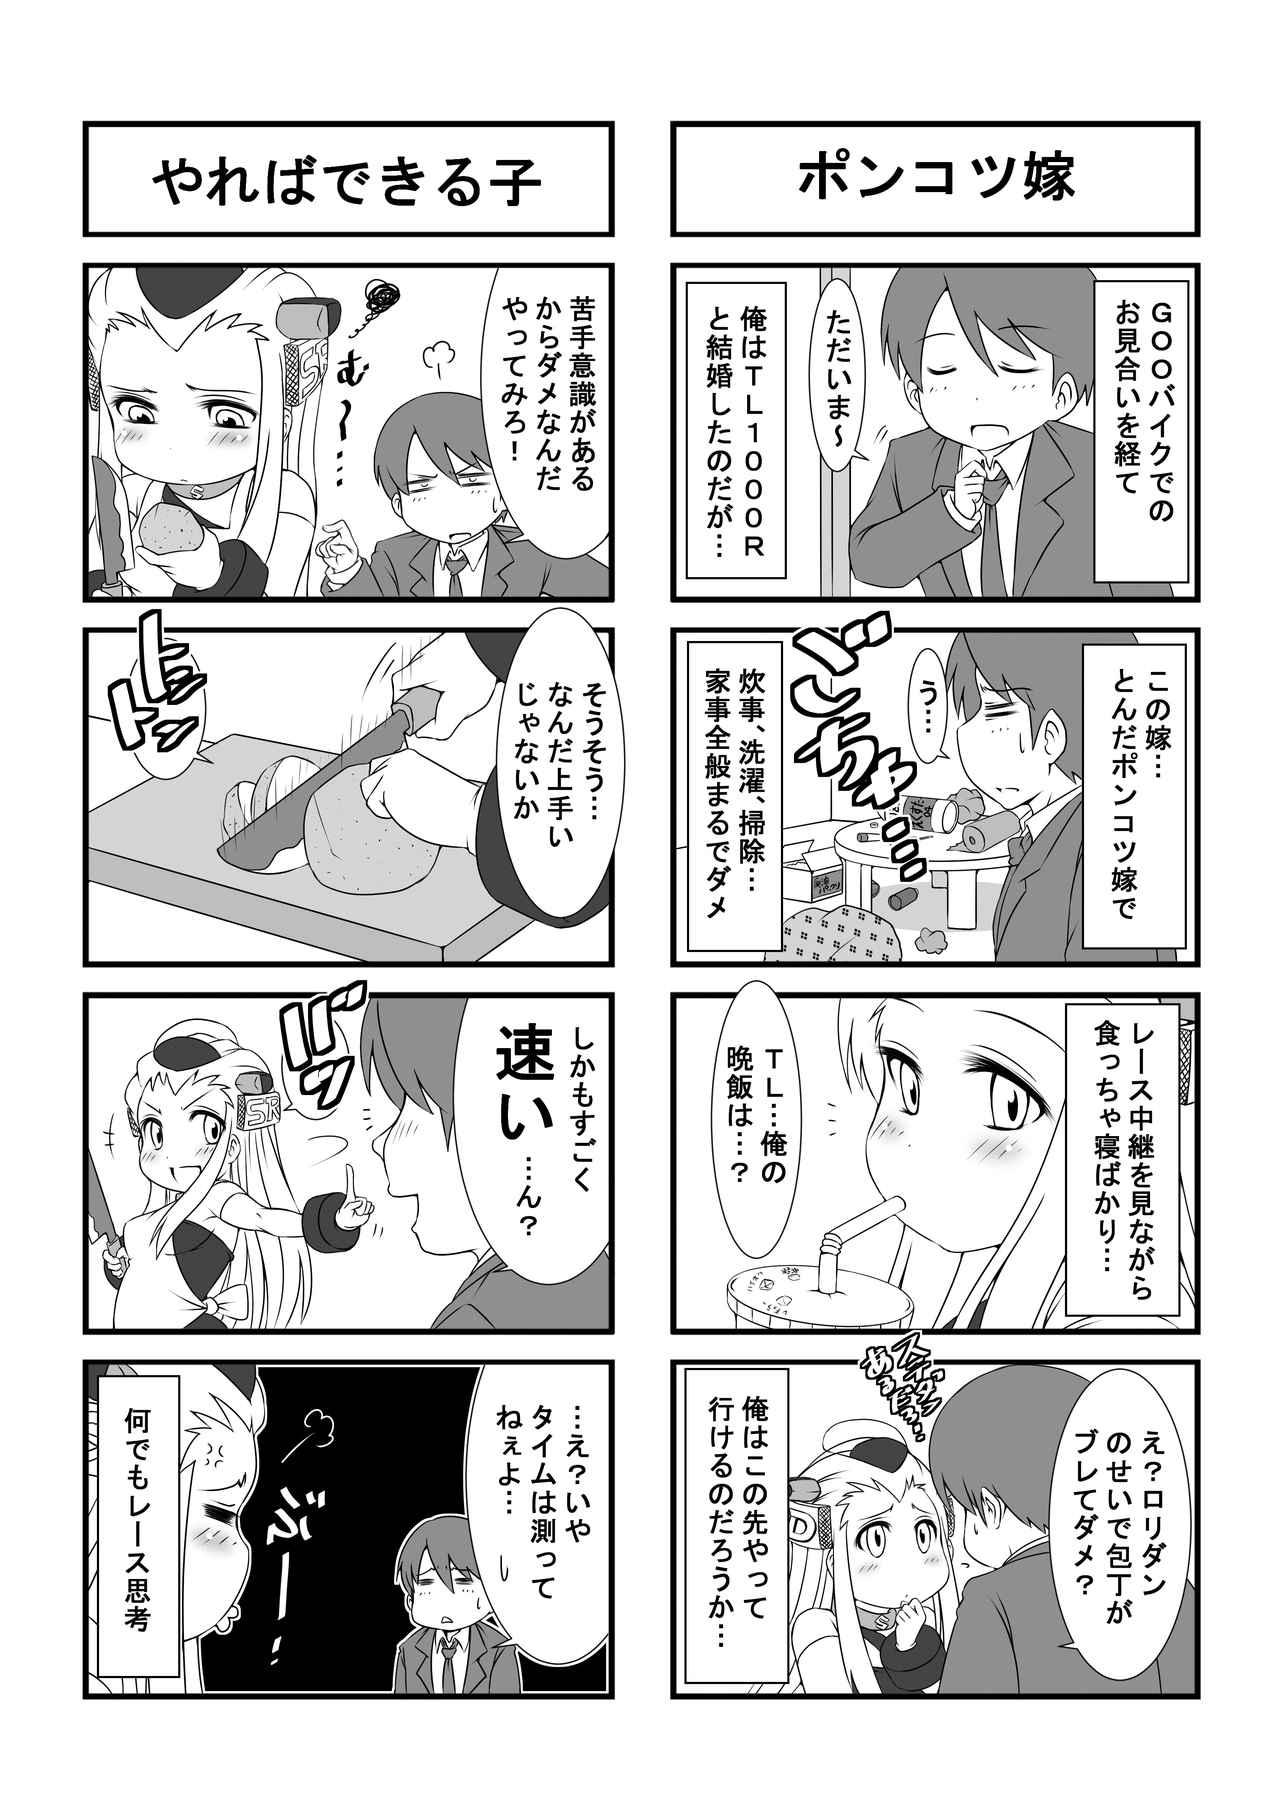 画像1: 初の単行本『バイク擬人化菌書 第1巻』は9月28日発売予定!